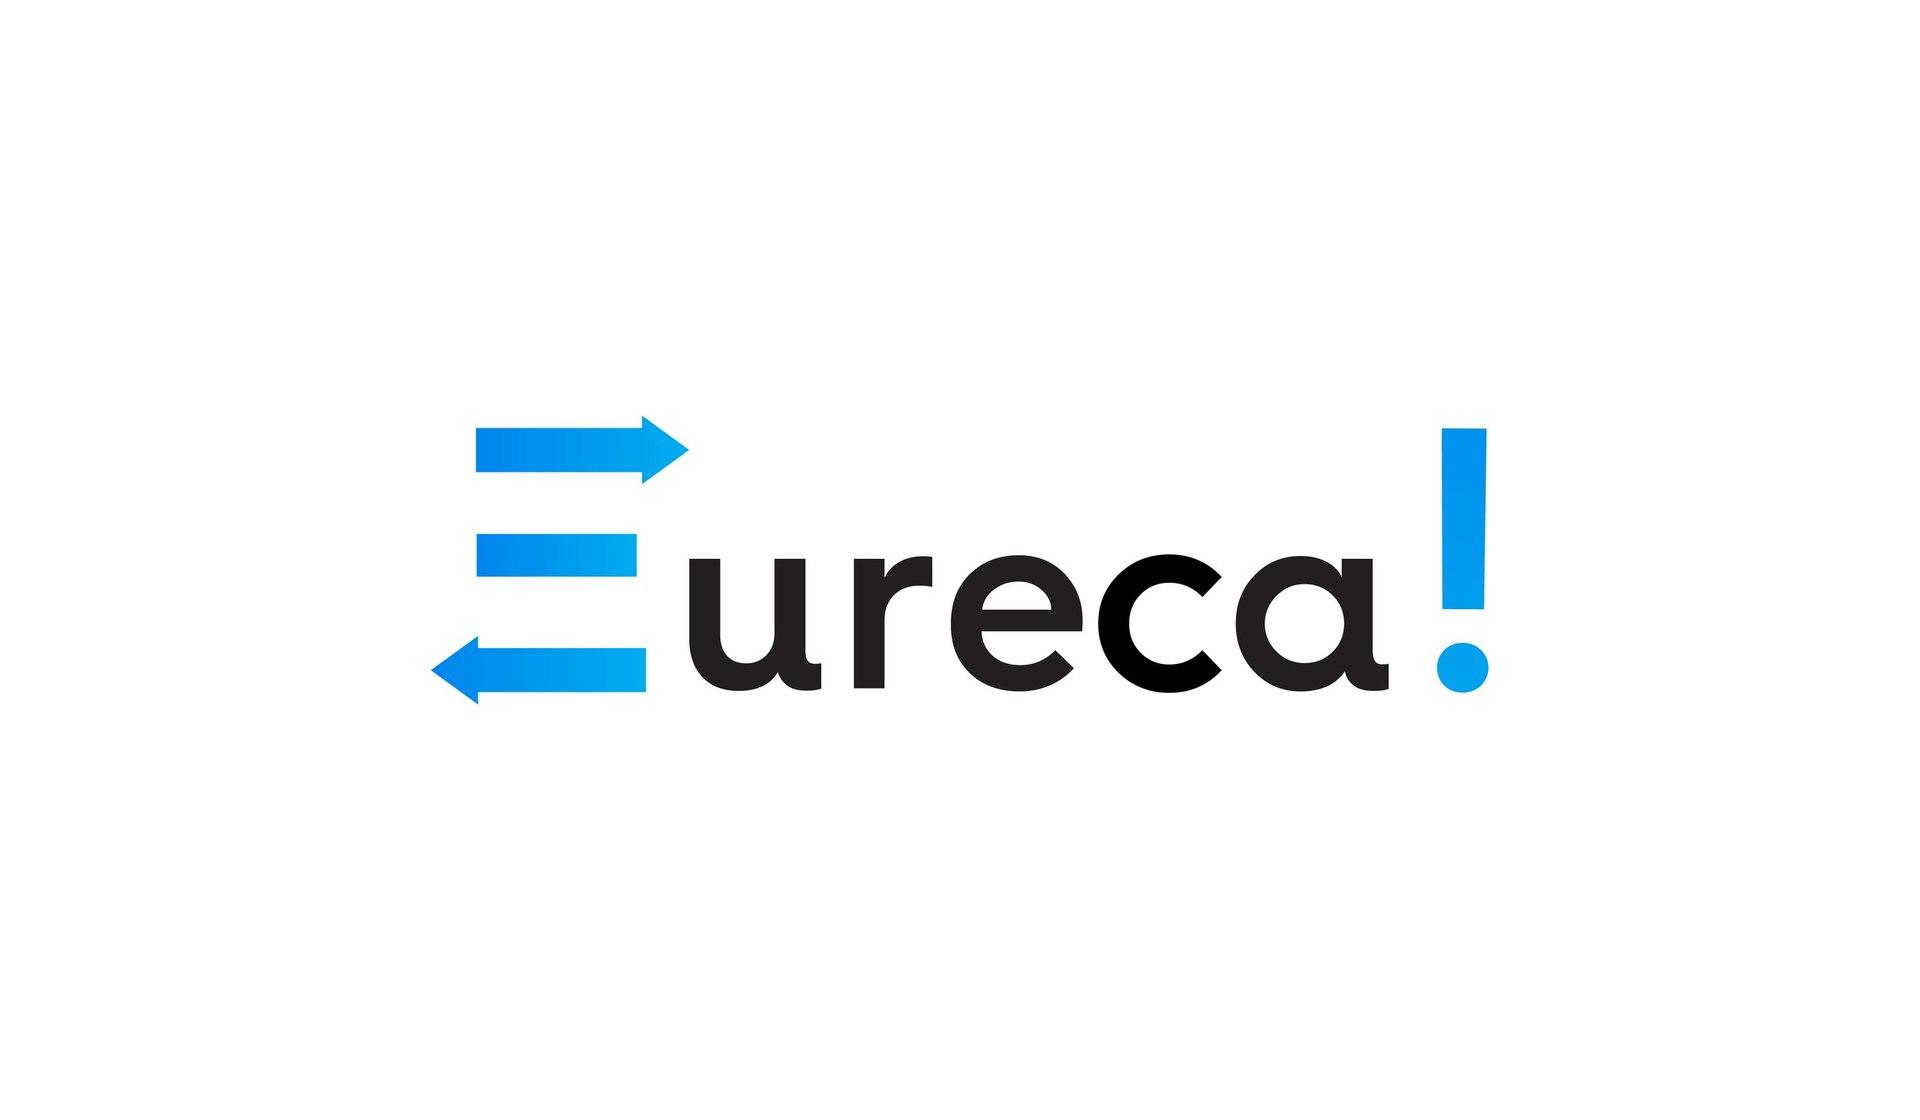 Сервис обмена идеями Eurecable.com: история создания «стартапа» - 4